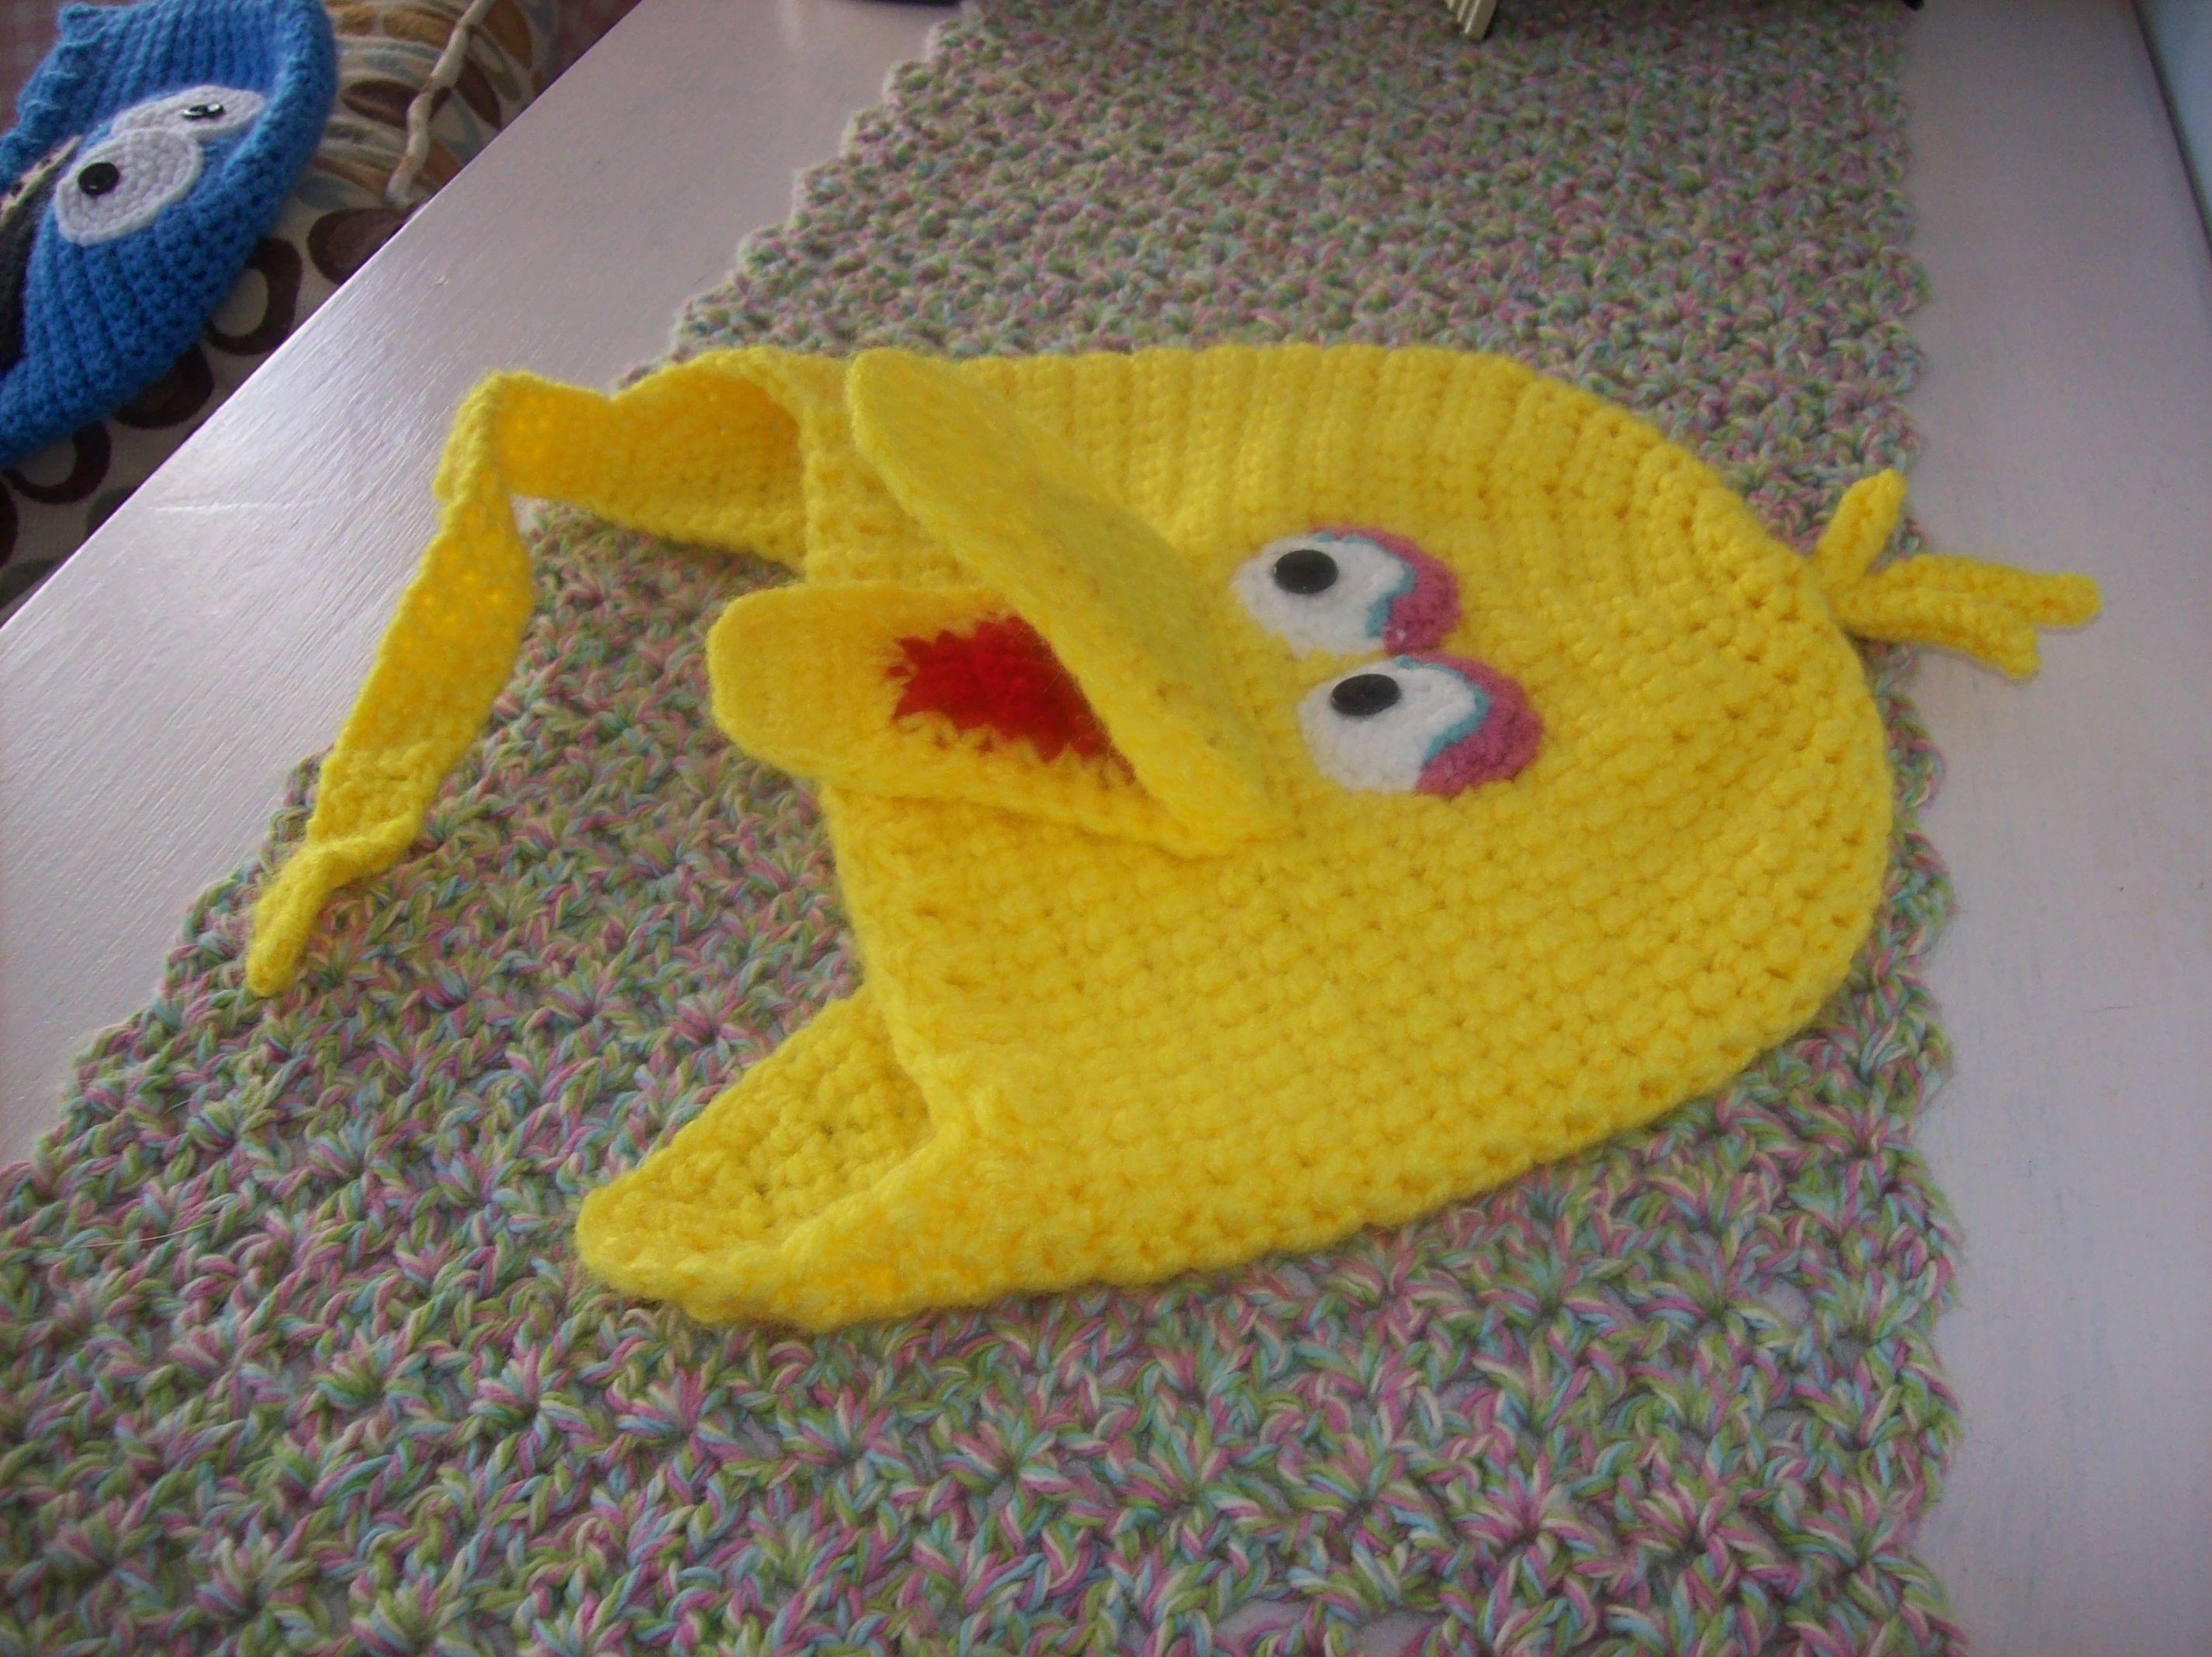 3afc73e7 Crochet: Big Bird, Sesame Street - My original pattern Crochet Animal Hats,  Crochet